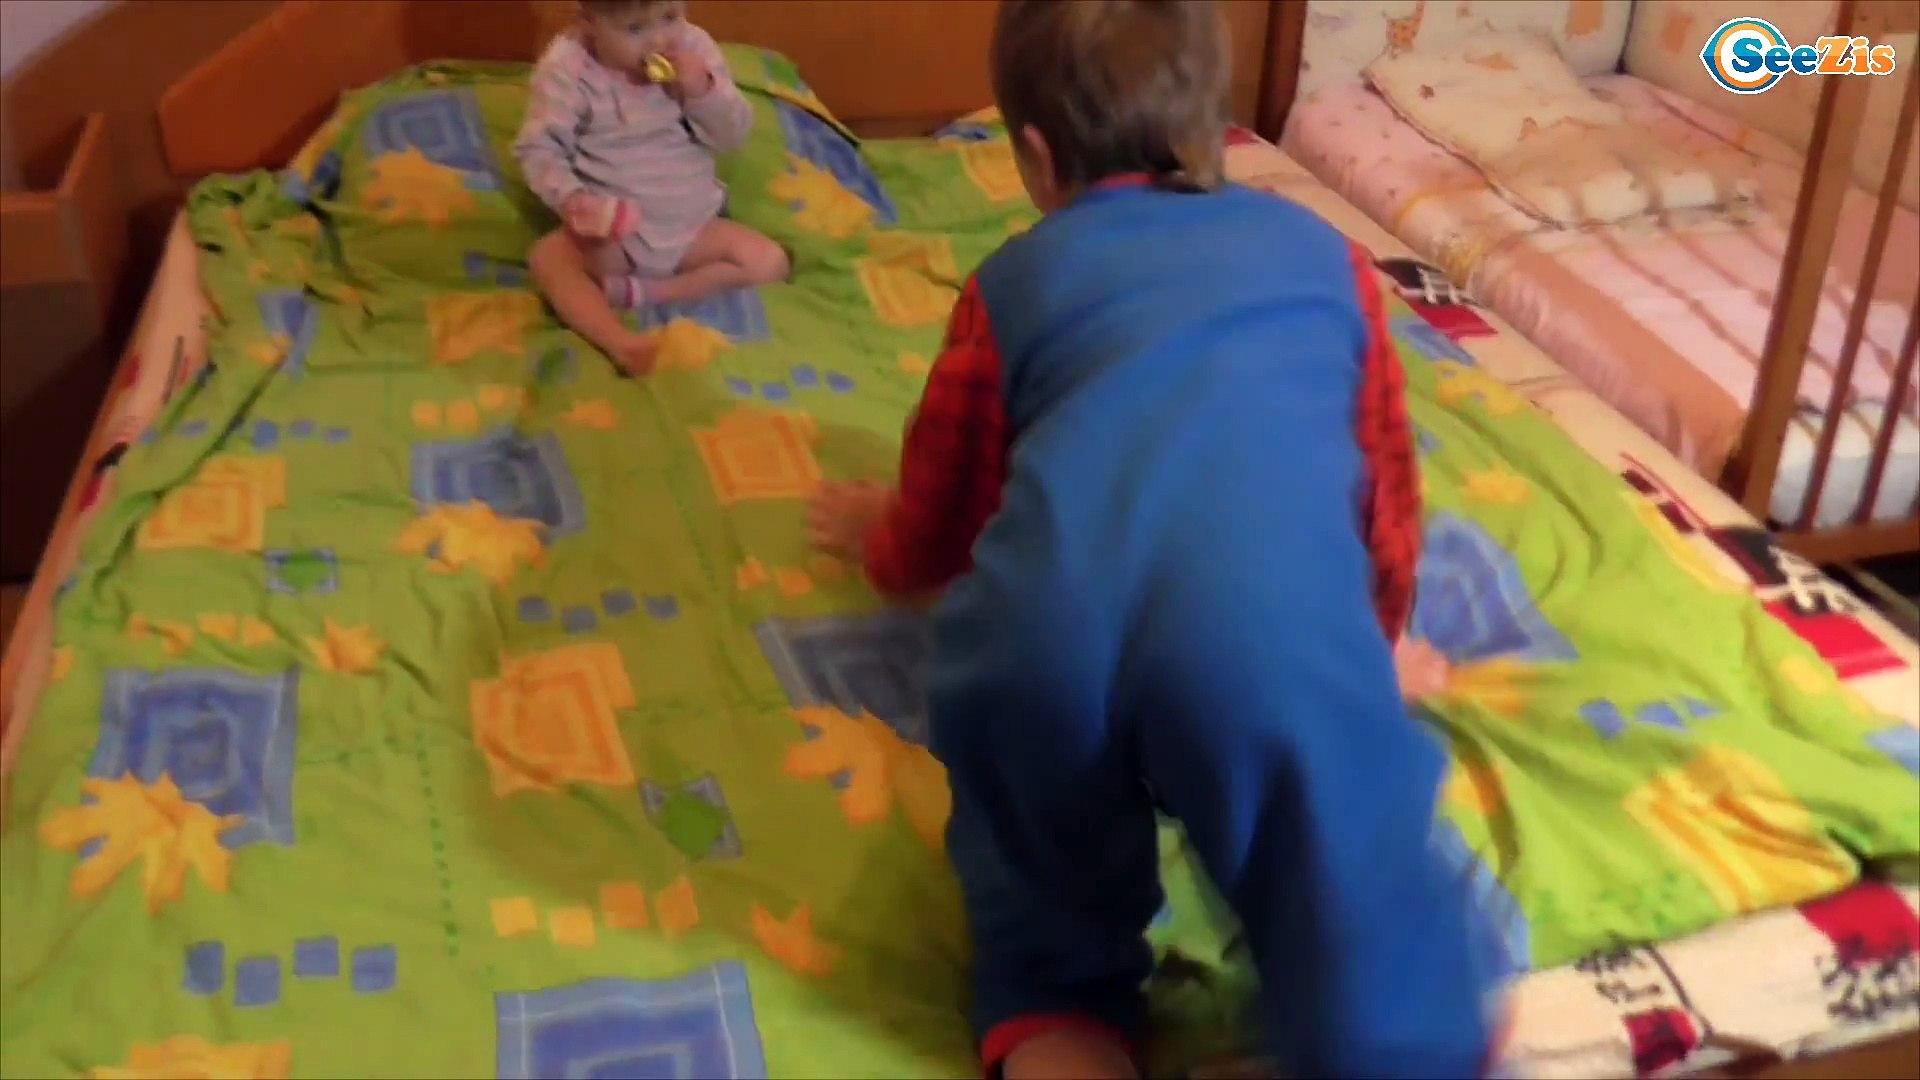 BAD BABY and Good Girl Playing Арина и Игорек Плохие и Хорошие Дети Ложимся Спать Видео для Детей